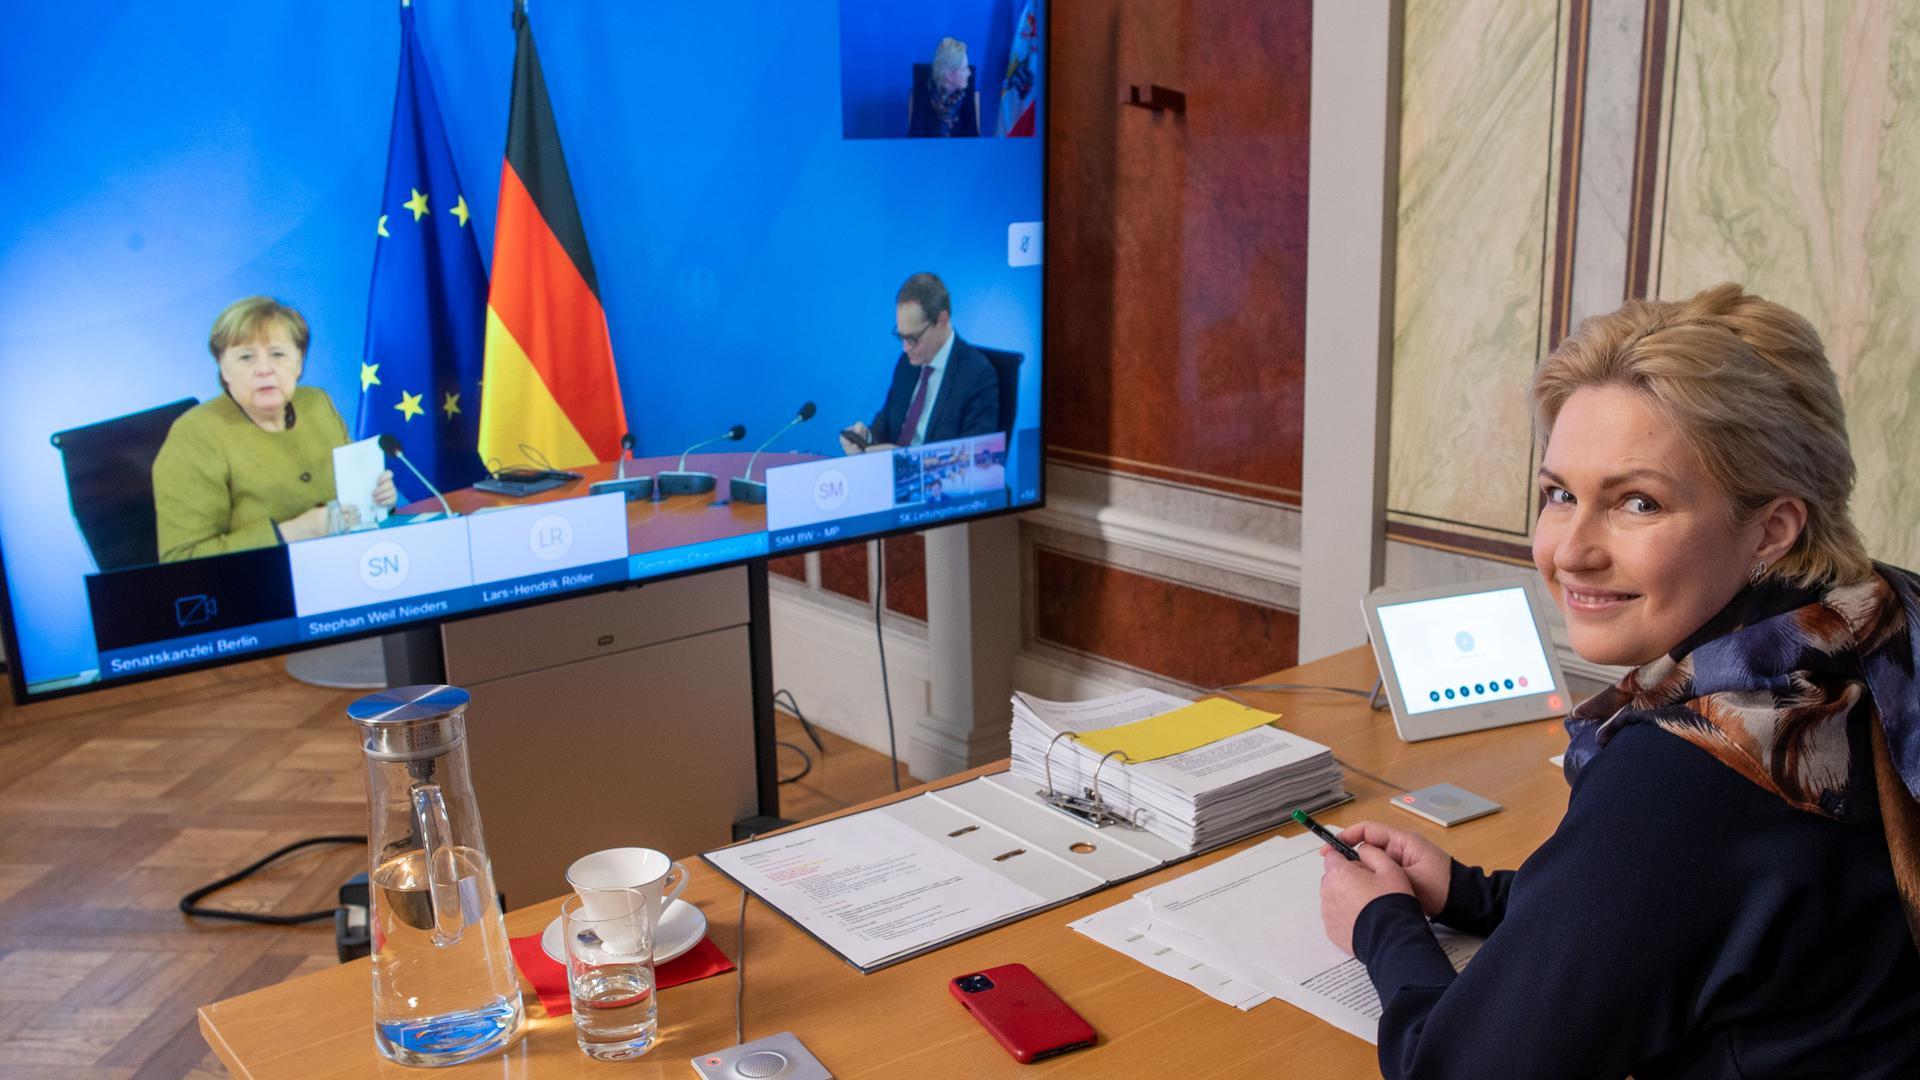 Tauziehen zwischen Bund und Ländern: Die Ministerpräsidentenkonferenzen der Corona-Zeit, hier mit Manuela Schwesig (SPD), Landeschefin Mecklenburg-Vorpommern, haben oft gezeigt, dass die Kompromissuche durch parteipolitische Interessen überlagert wird.